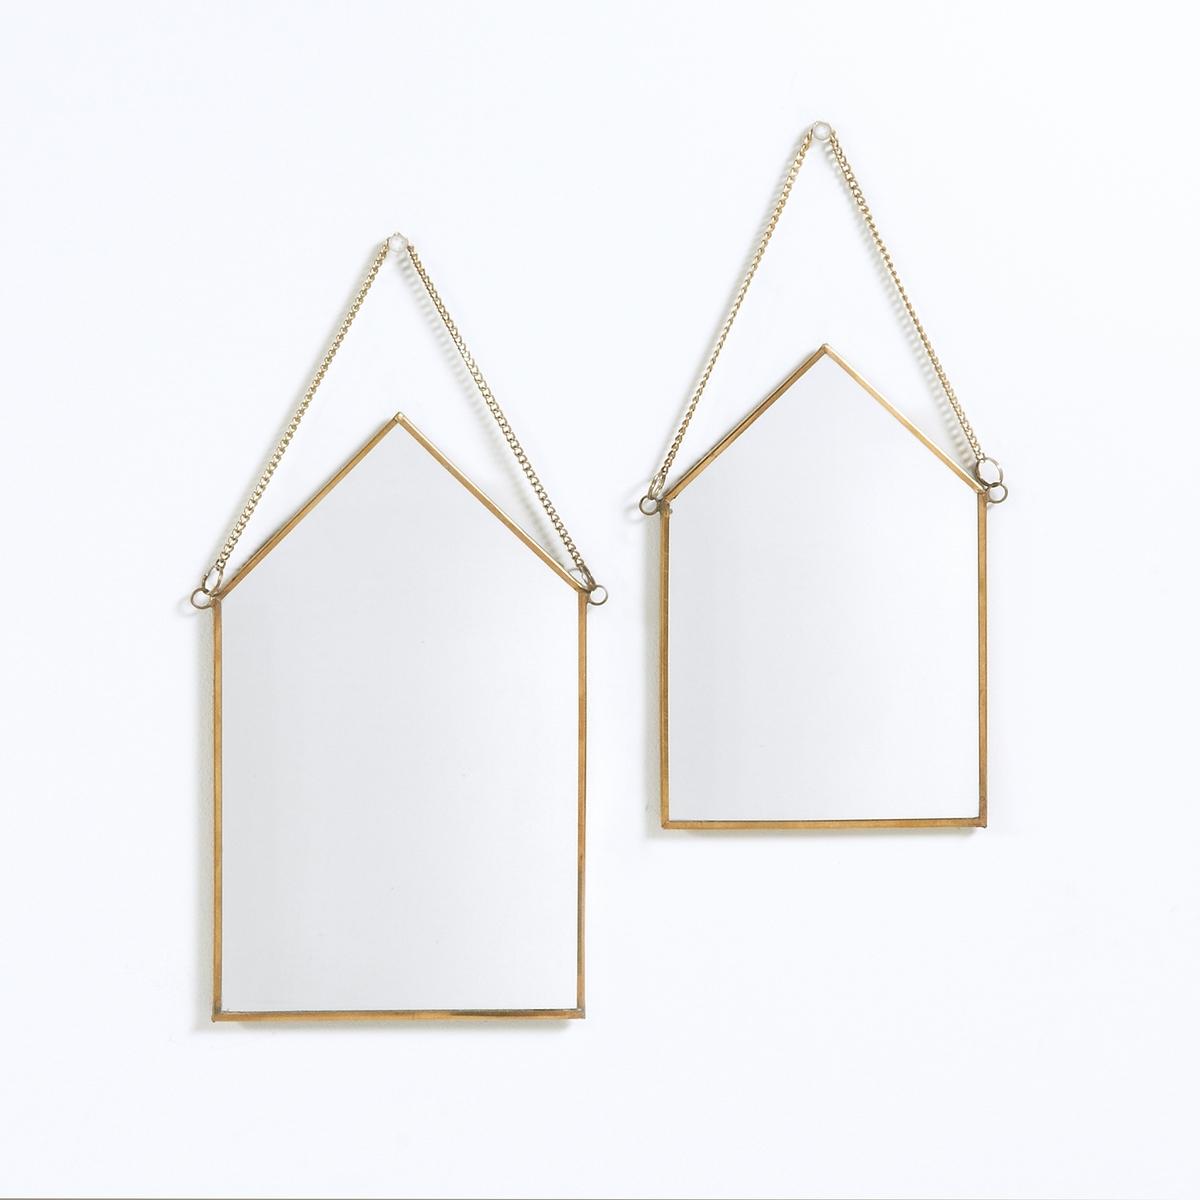 2 зеркала Uyova в форме домика2 зеркала Uyova в форме домика. Модный стиль, металл с латунной отделкой.Характеристики 2 зеркал Uyova в форме домика :2 размераМеталл с латунной отделкойНа металлической цепочкеПолная коллекция Uyova на сайте laredoute.ruРазмеры 2 зеркал Uyova в форме домика :Размер 1 : В20 x 13 смРазмер 2 : В25 x 15 см<br><br>Цвет: латунь